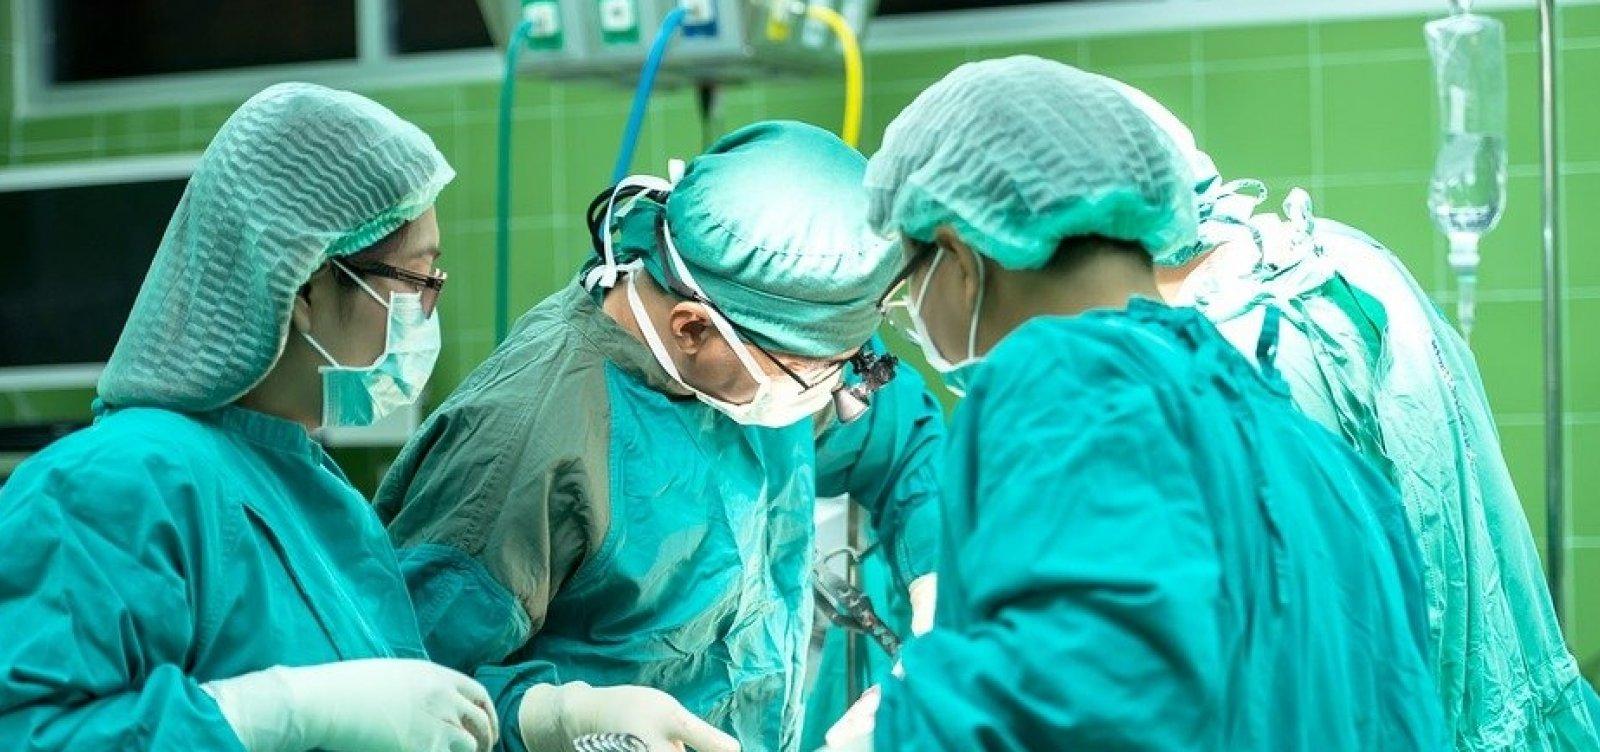 Mais de 50% das famílias baianas ainda resiste em doar órgãos